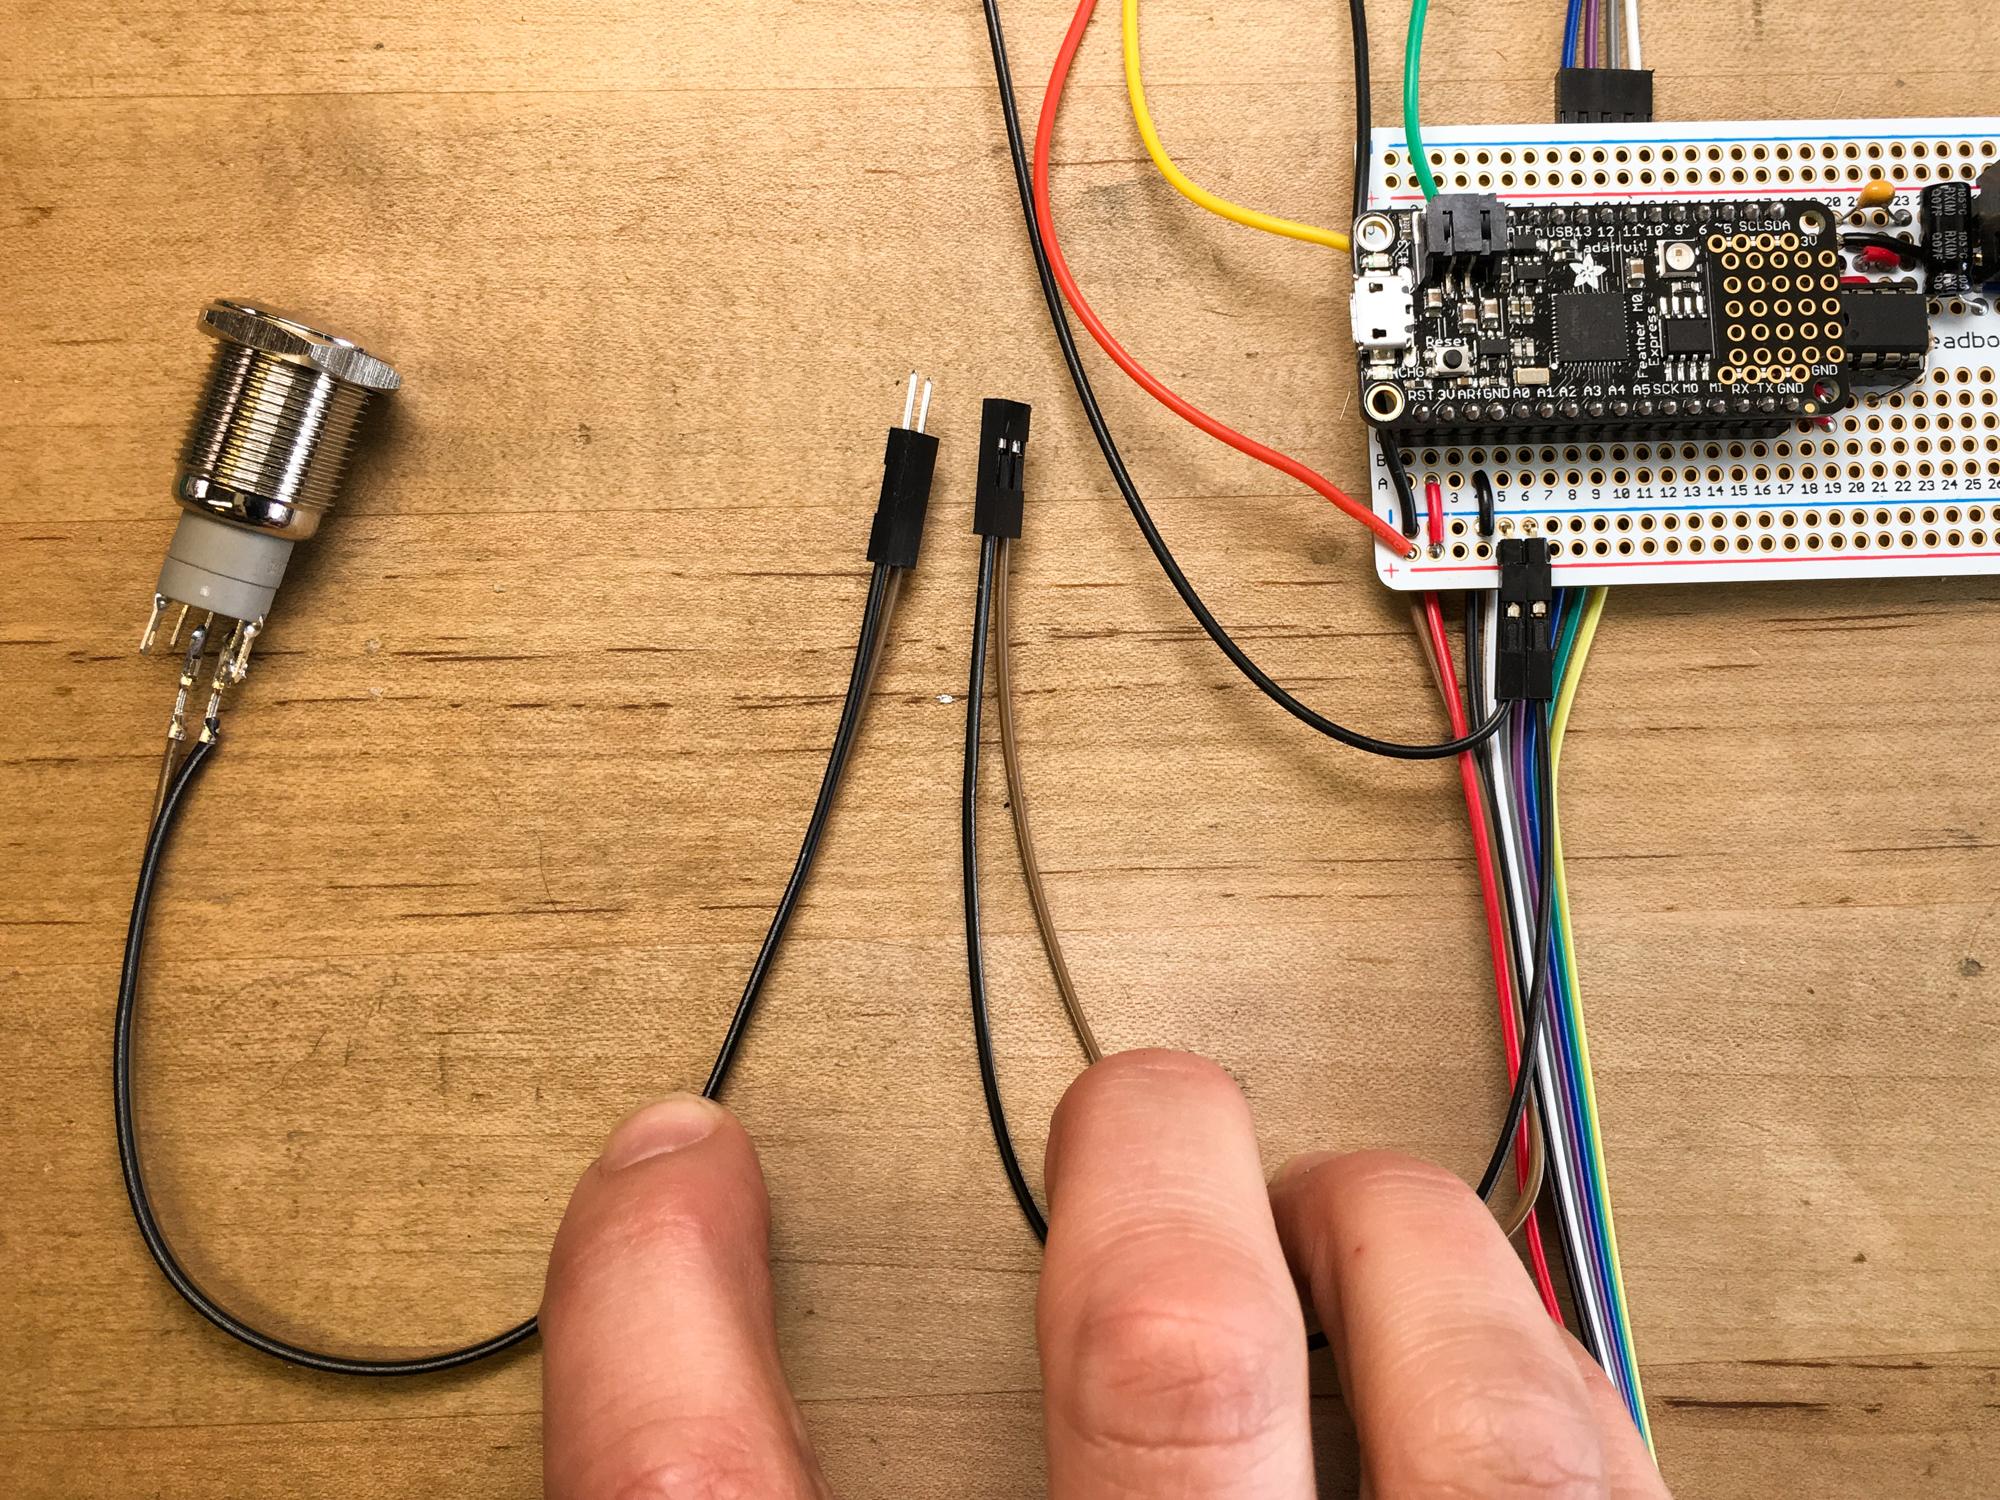 microcontrollers_IMG_2121_2k.jpg